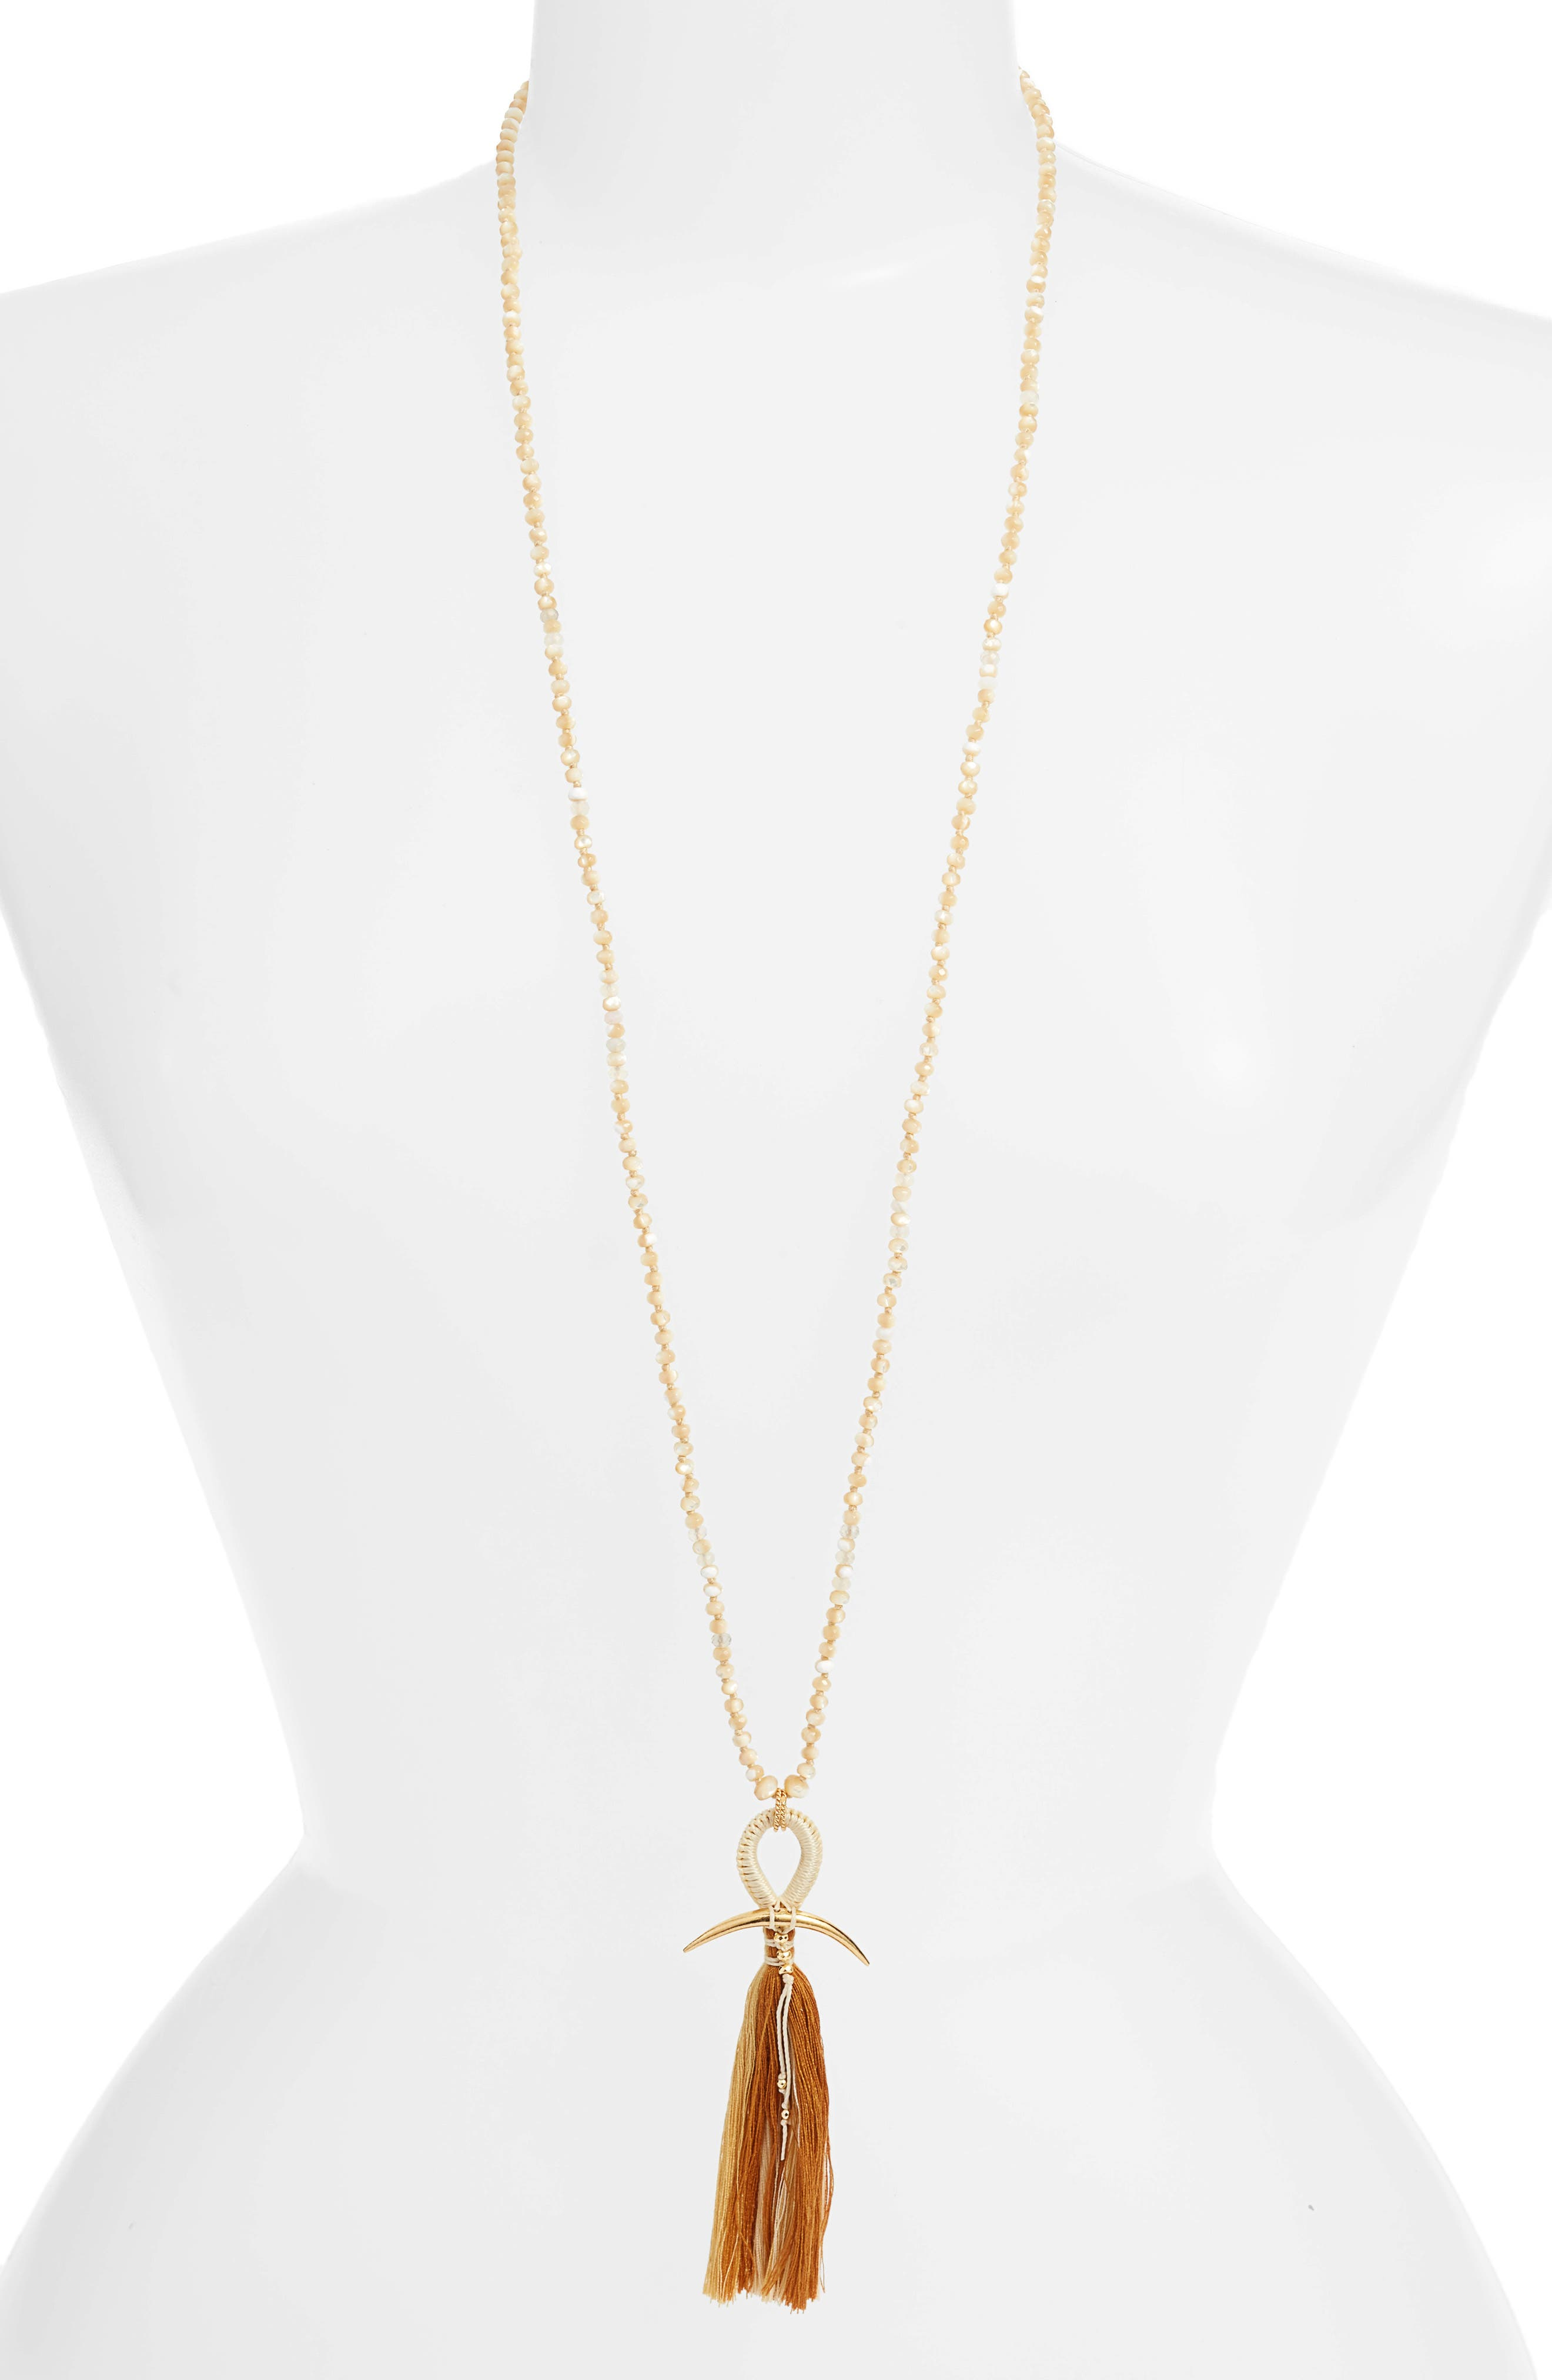 CHAN LUU, Horn & Tassel Layering Necklace, Main thumbnail 1, color, NATURAL MIX